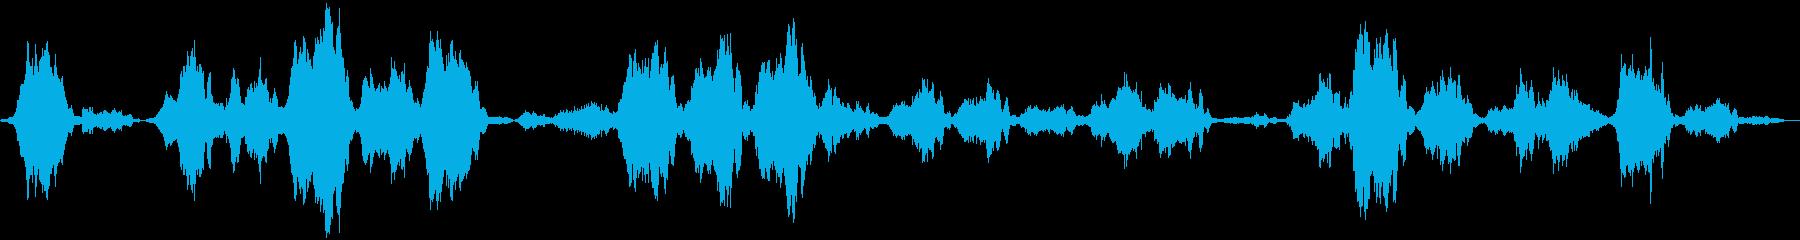 いくつかのフライングソーサーウィズ...の再生済みの波形